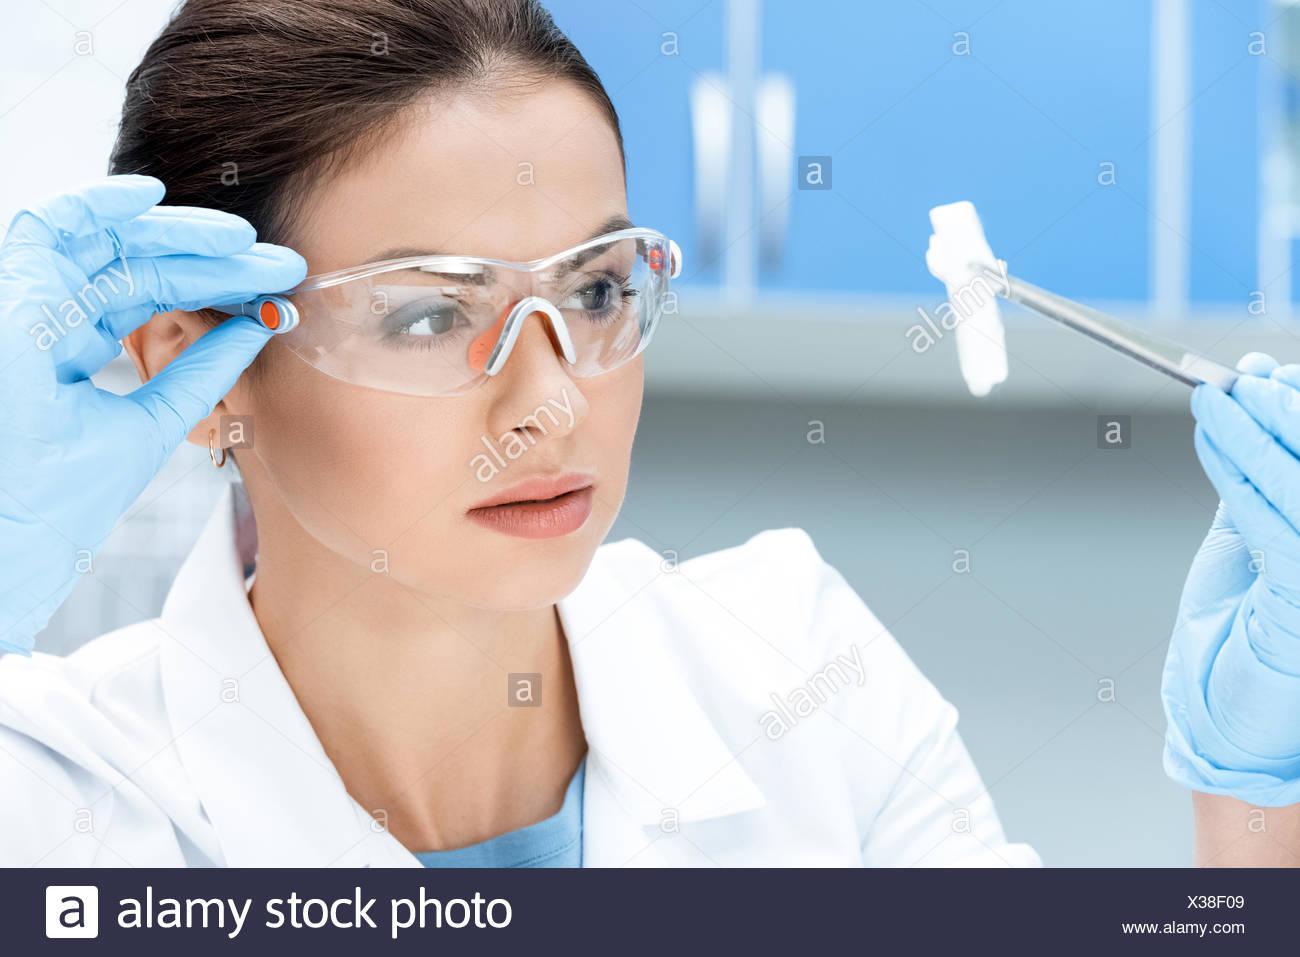 Portrait de chercheur scientifique à des lunettes et des gants à  l échantillon de produits ded7b2eef6e5